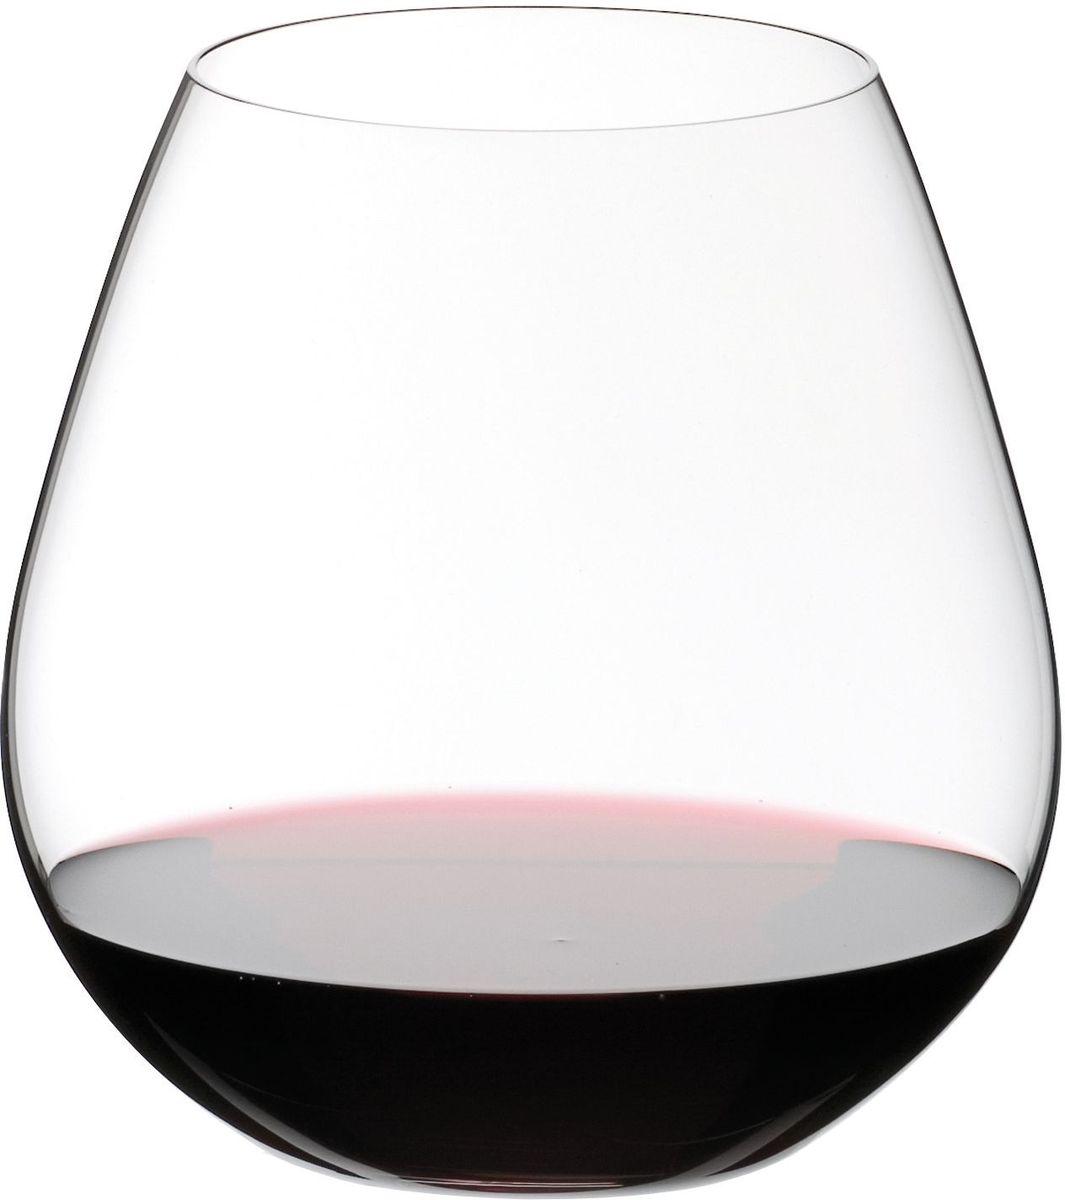 Набор бокалов для красного вина Riedel O. Pinot. Nebbiollo, 690 мл, 2 шт riedel набор бокалов для красного вина old world pinot noir 2 шт 6449 07 riedel